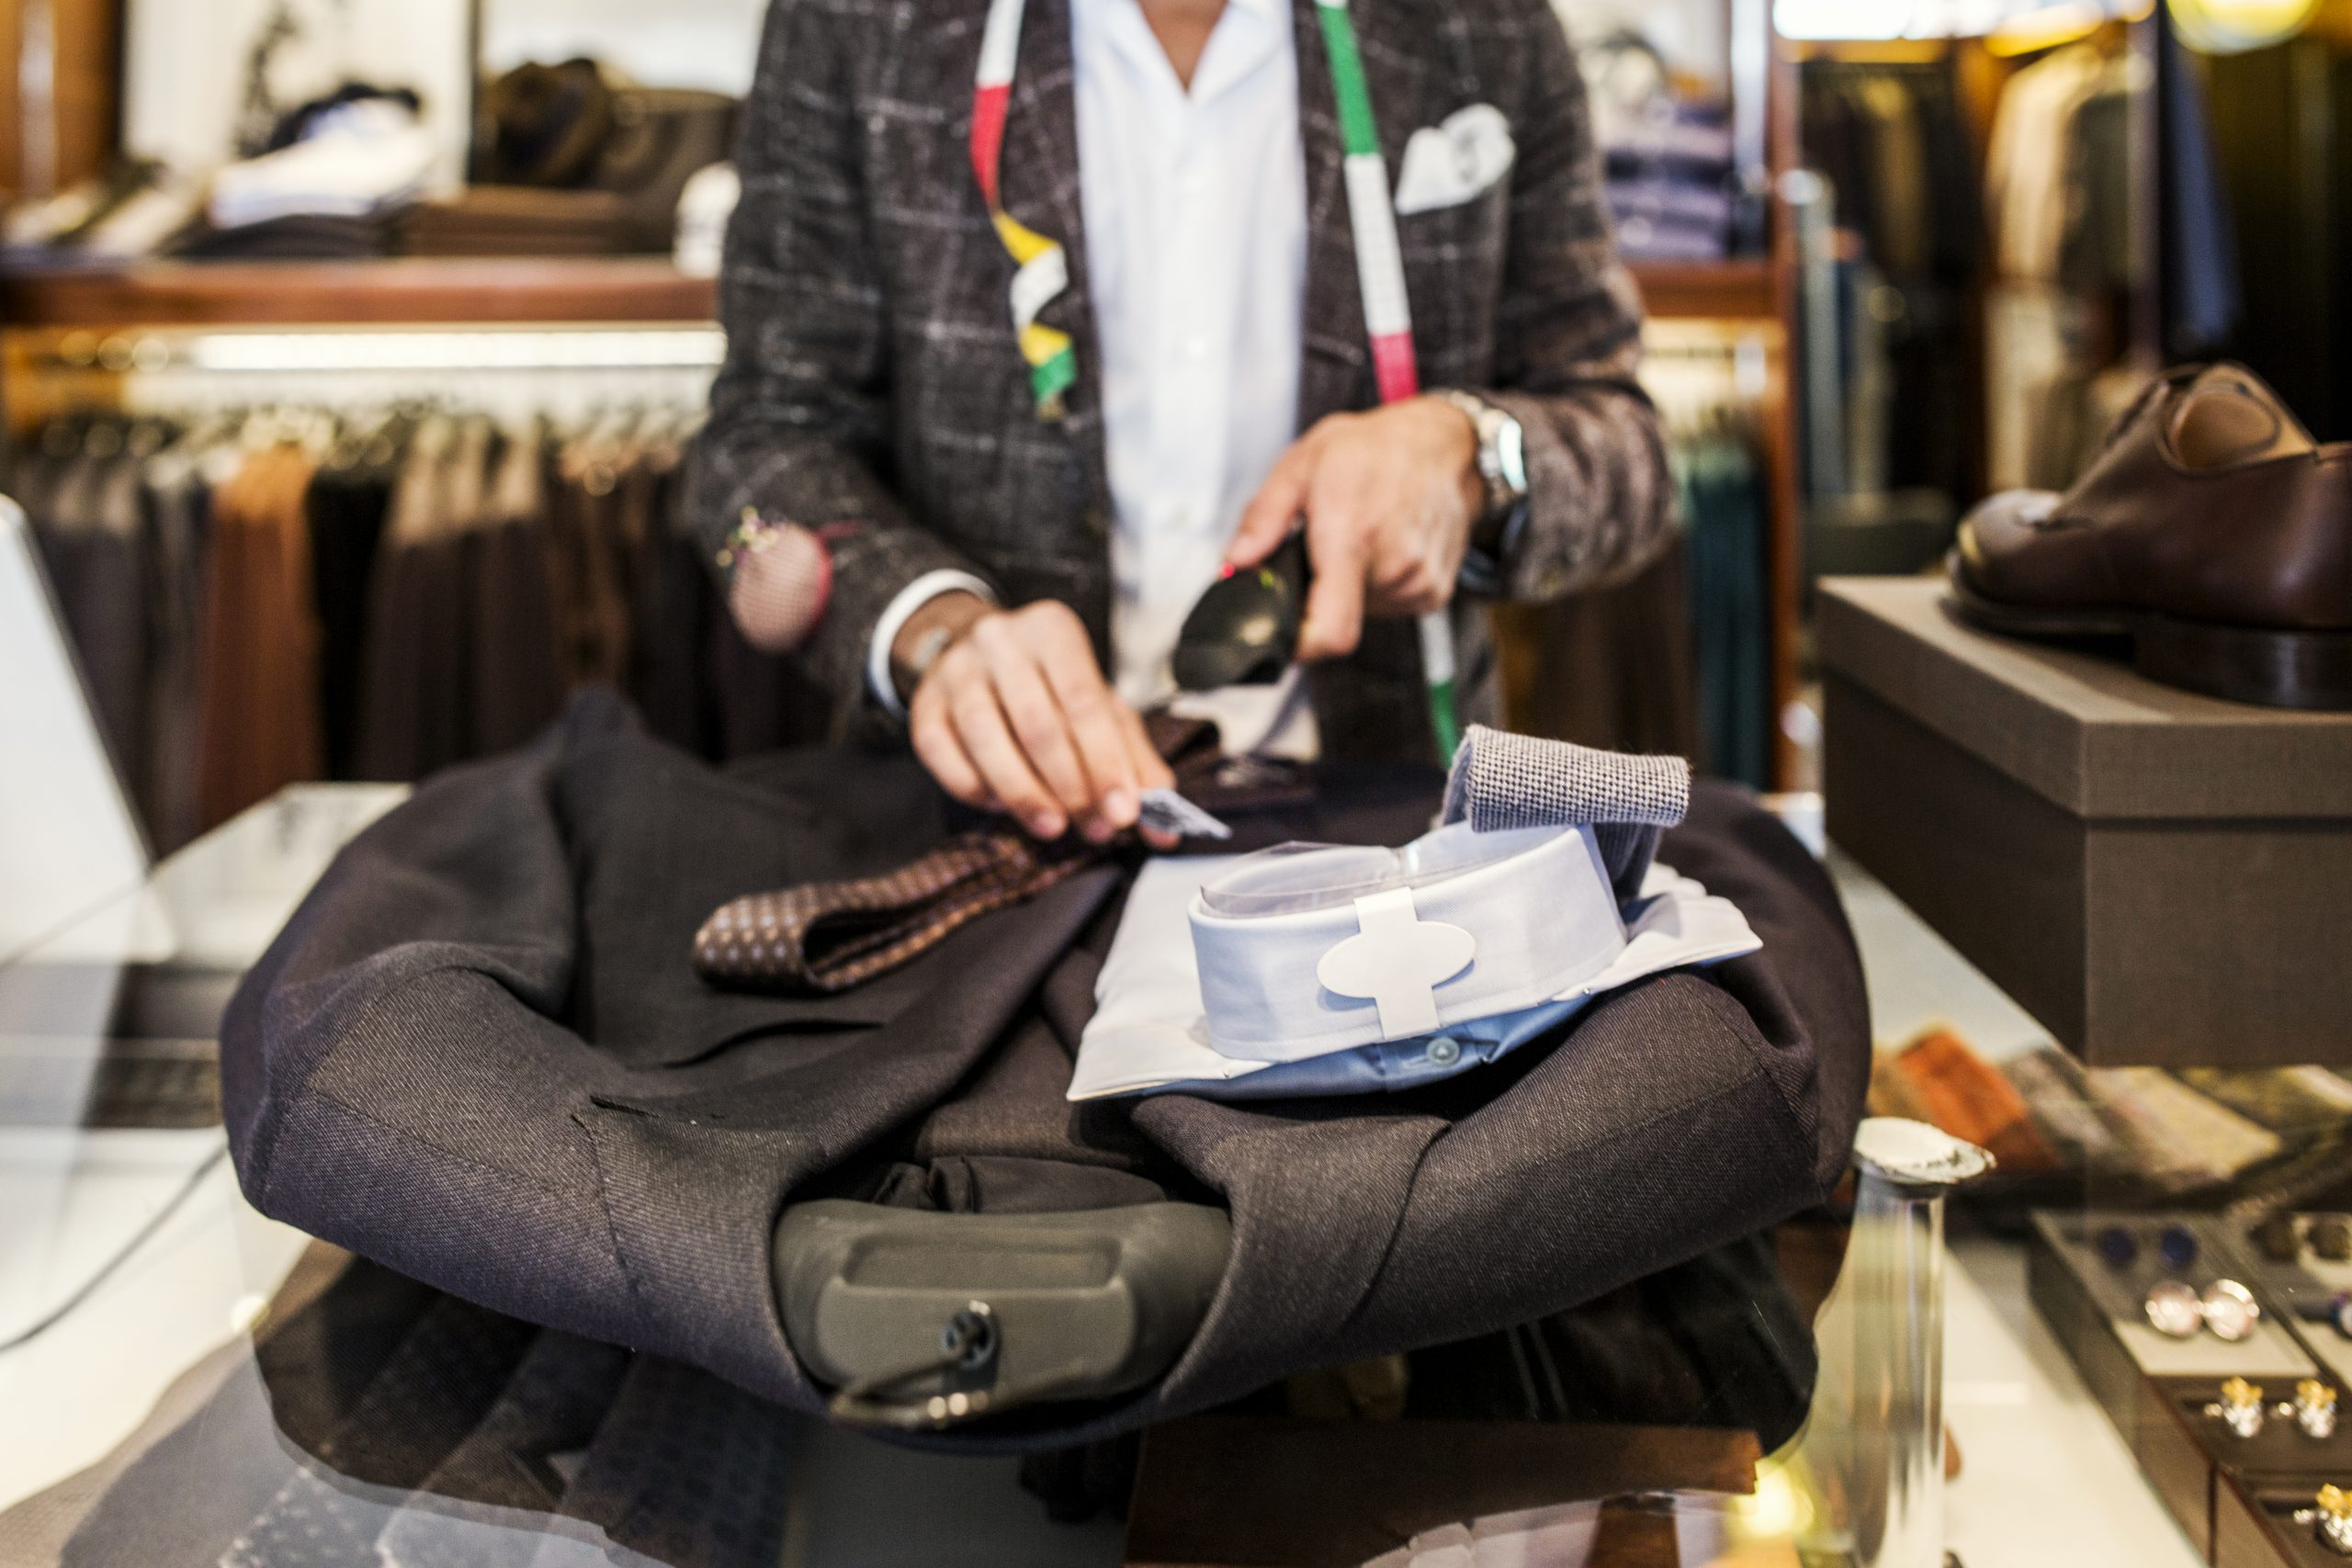 Kolorowe skarpetki – idealny element stylizacji biznesowych